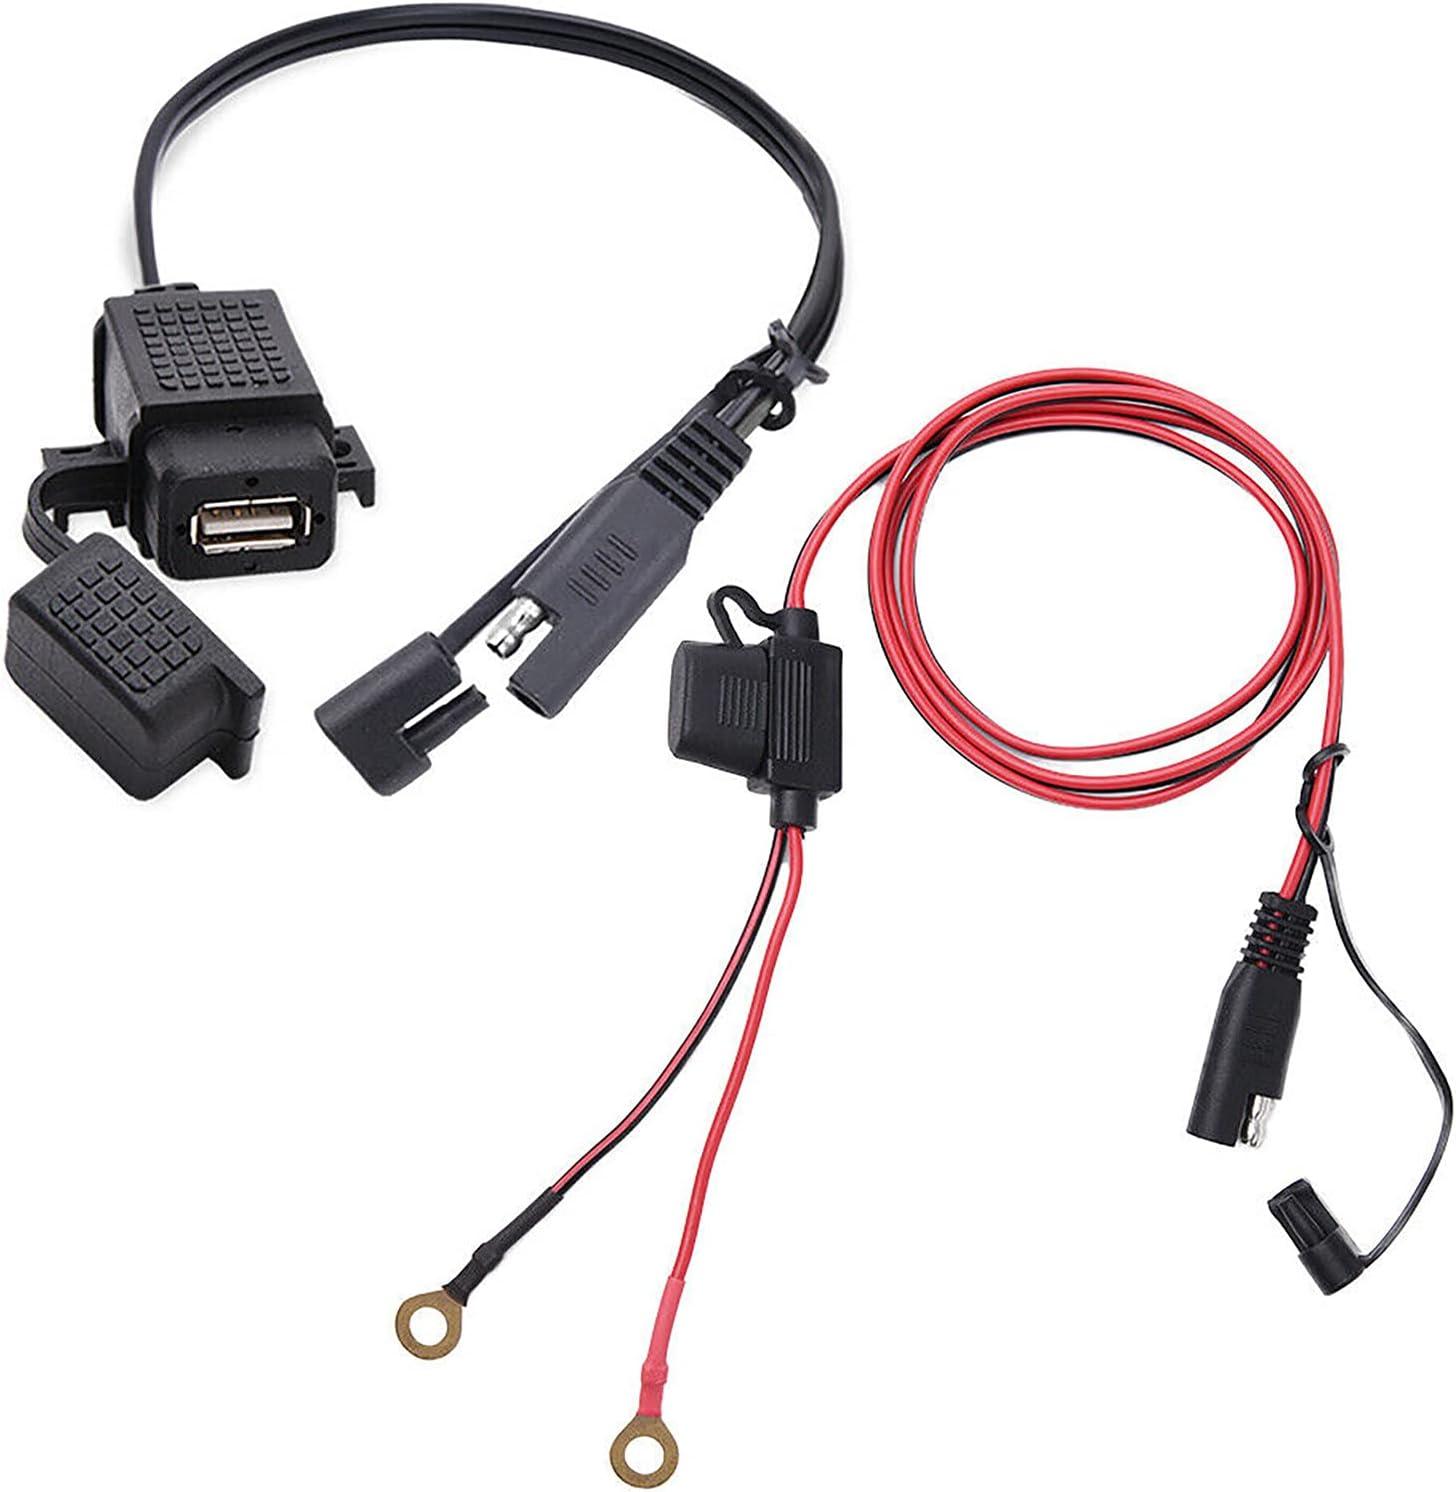 KOPOU DIY SAE A Adaptador de Cable USB Cargador USB Impermeable Y a Prueba de Polvo Puerto Rápido 2.1A con Fusible en Línea para Motocicleta Teléfono Móvil Tablet GPS